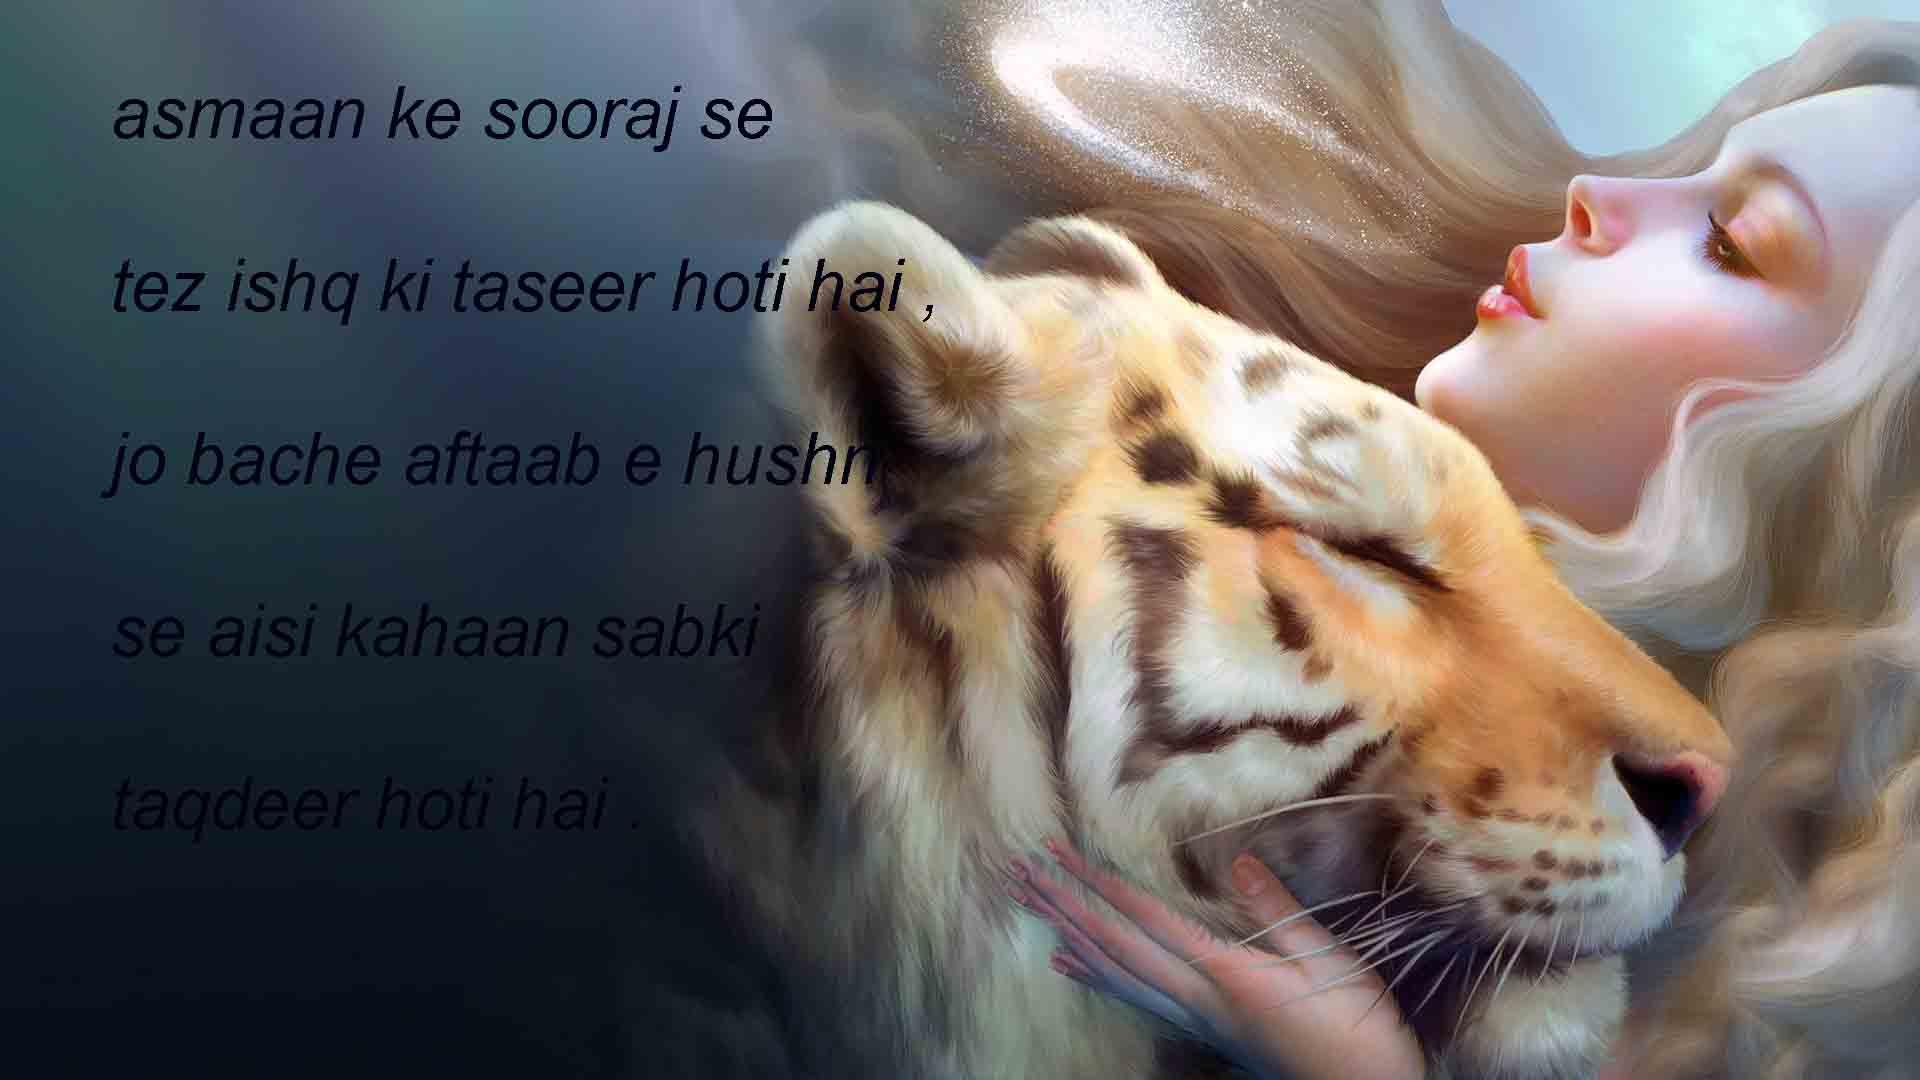 #urdu shayari mohabbat,